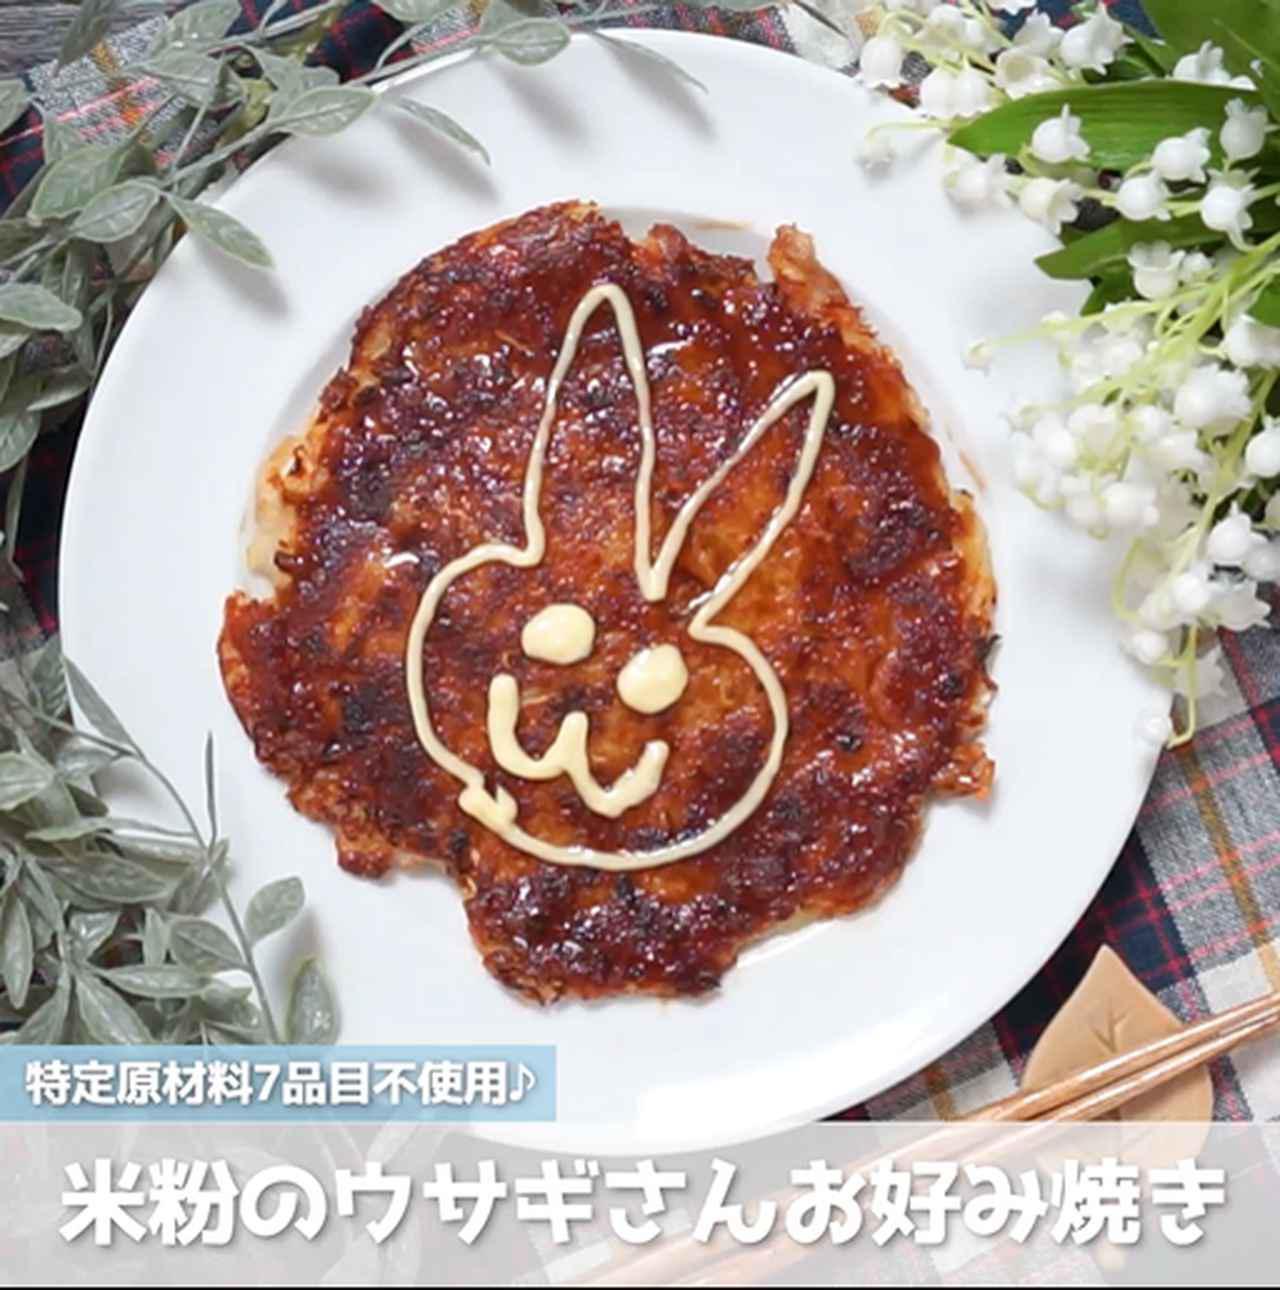 画像: 米粉でできるお好み焼き - 君とごはん